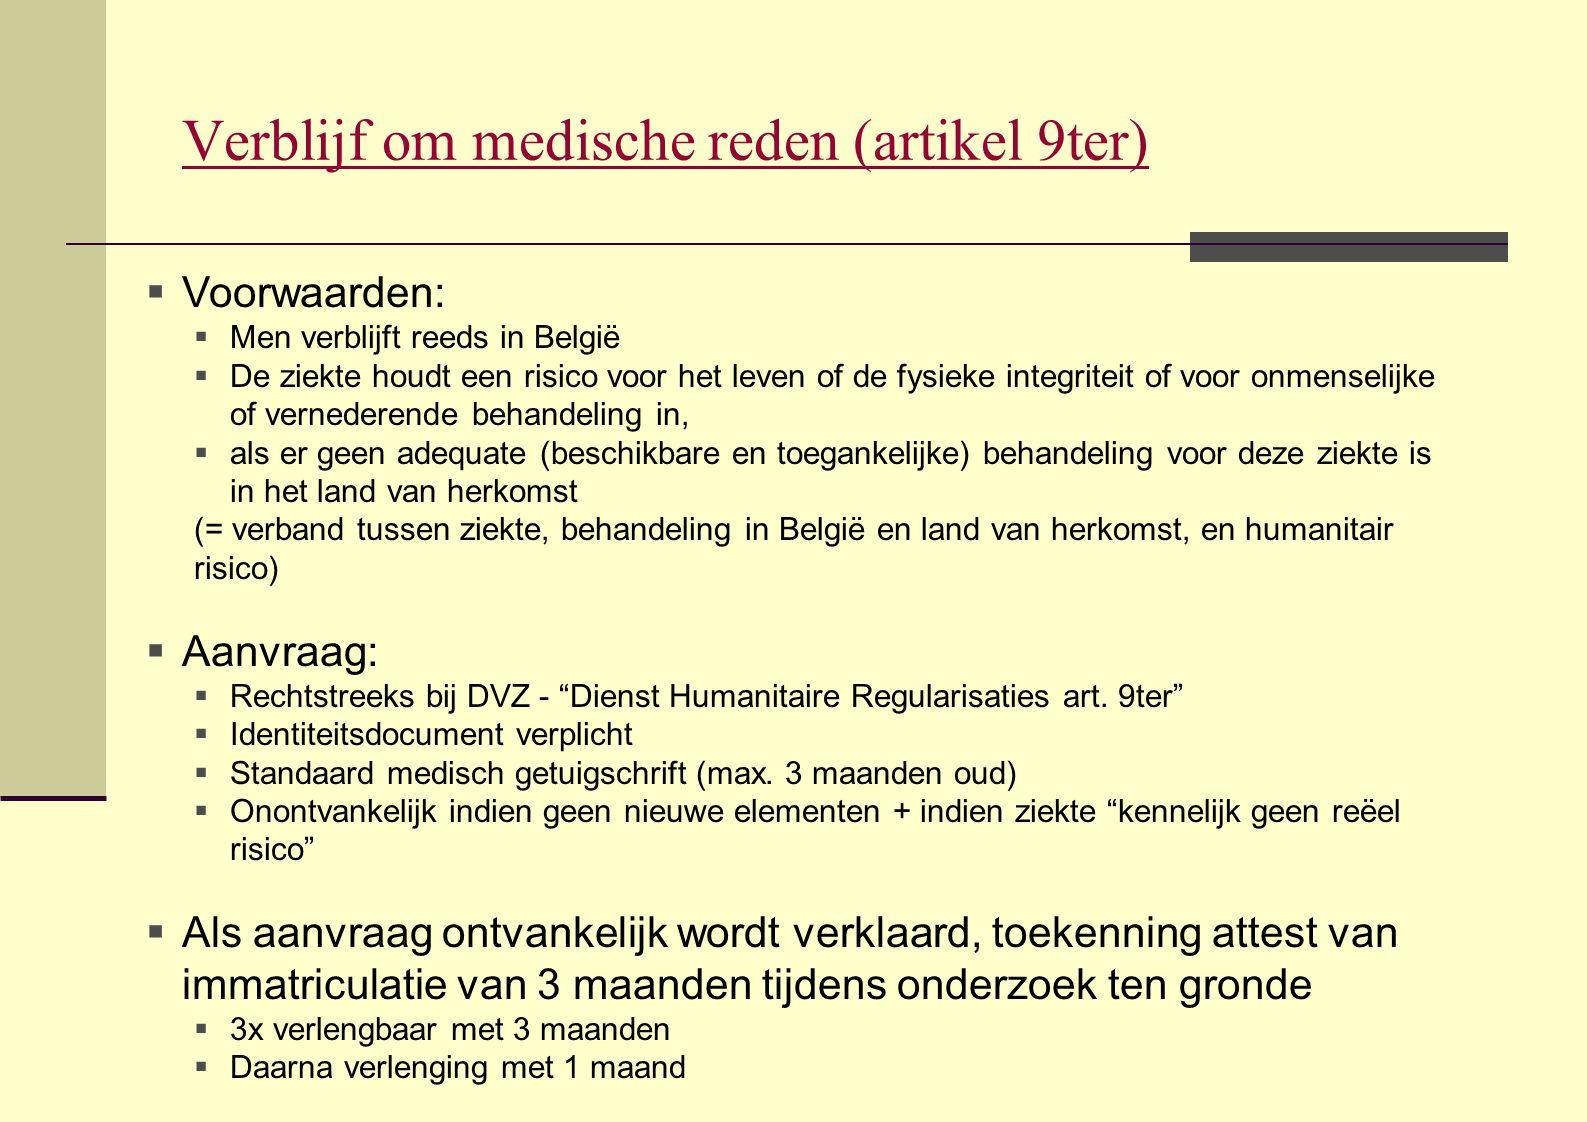 Verblijf om medische reden (artikel 9ter)